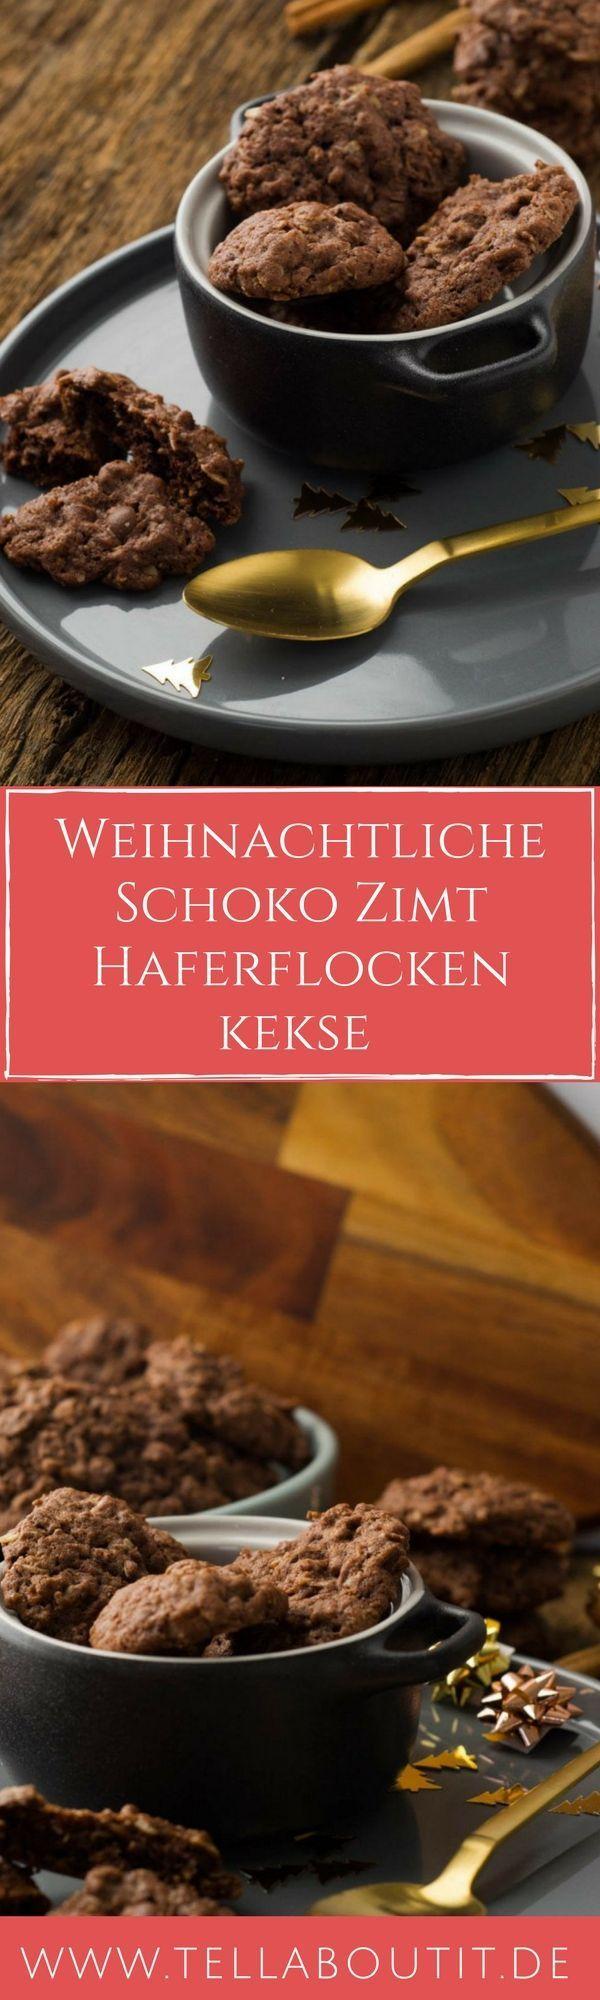 schoko haferflockenkekse mit zimt rezept kuchen pinterest. Black Bedroom Furniture Sets. Home Design Ideas